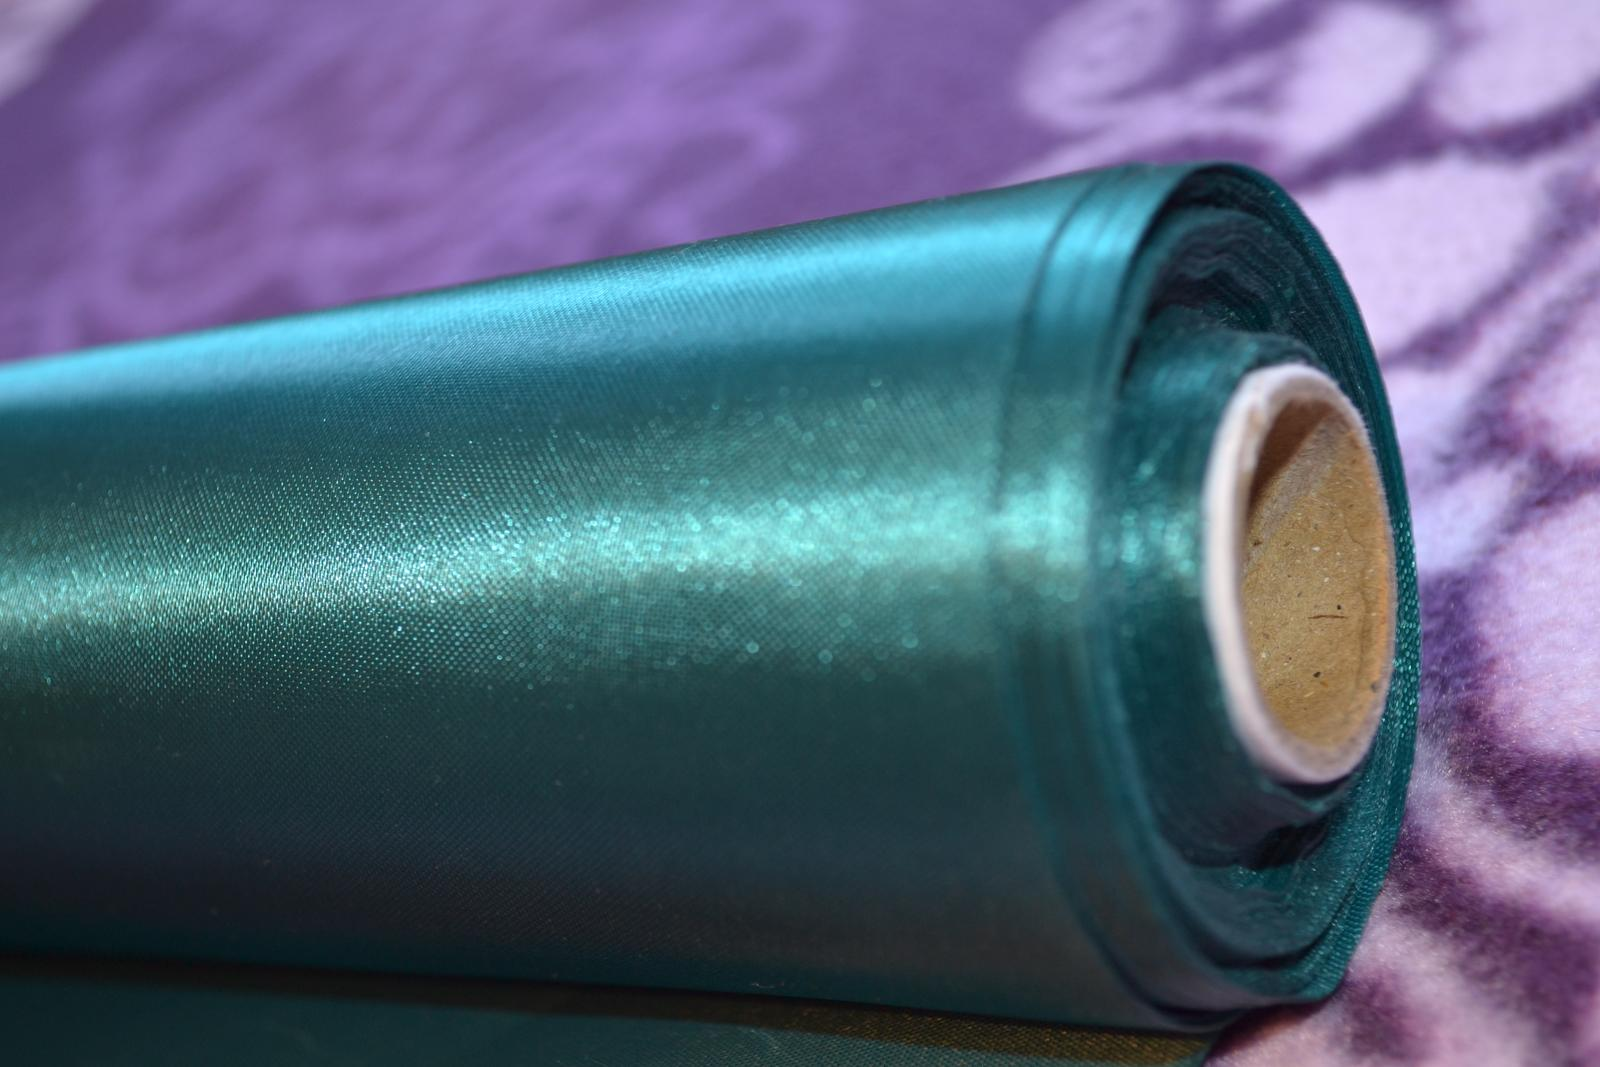 Smaragdové satenove stuhy 29cm x 20 m - Obrázok č. 1